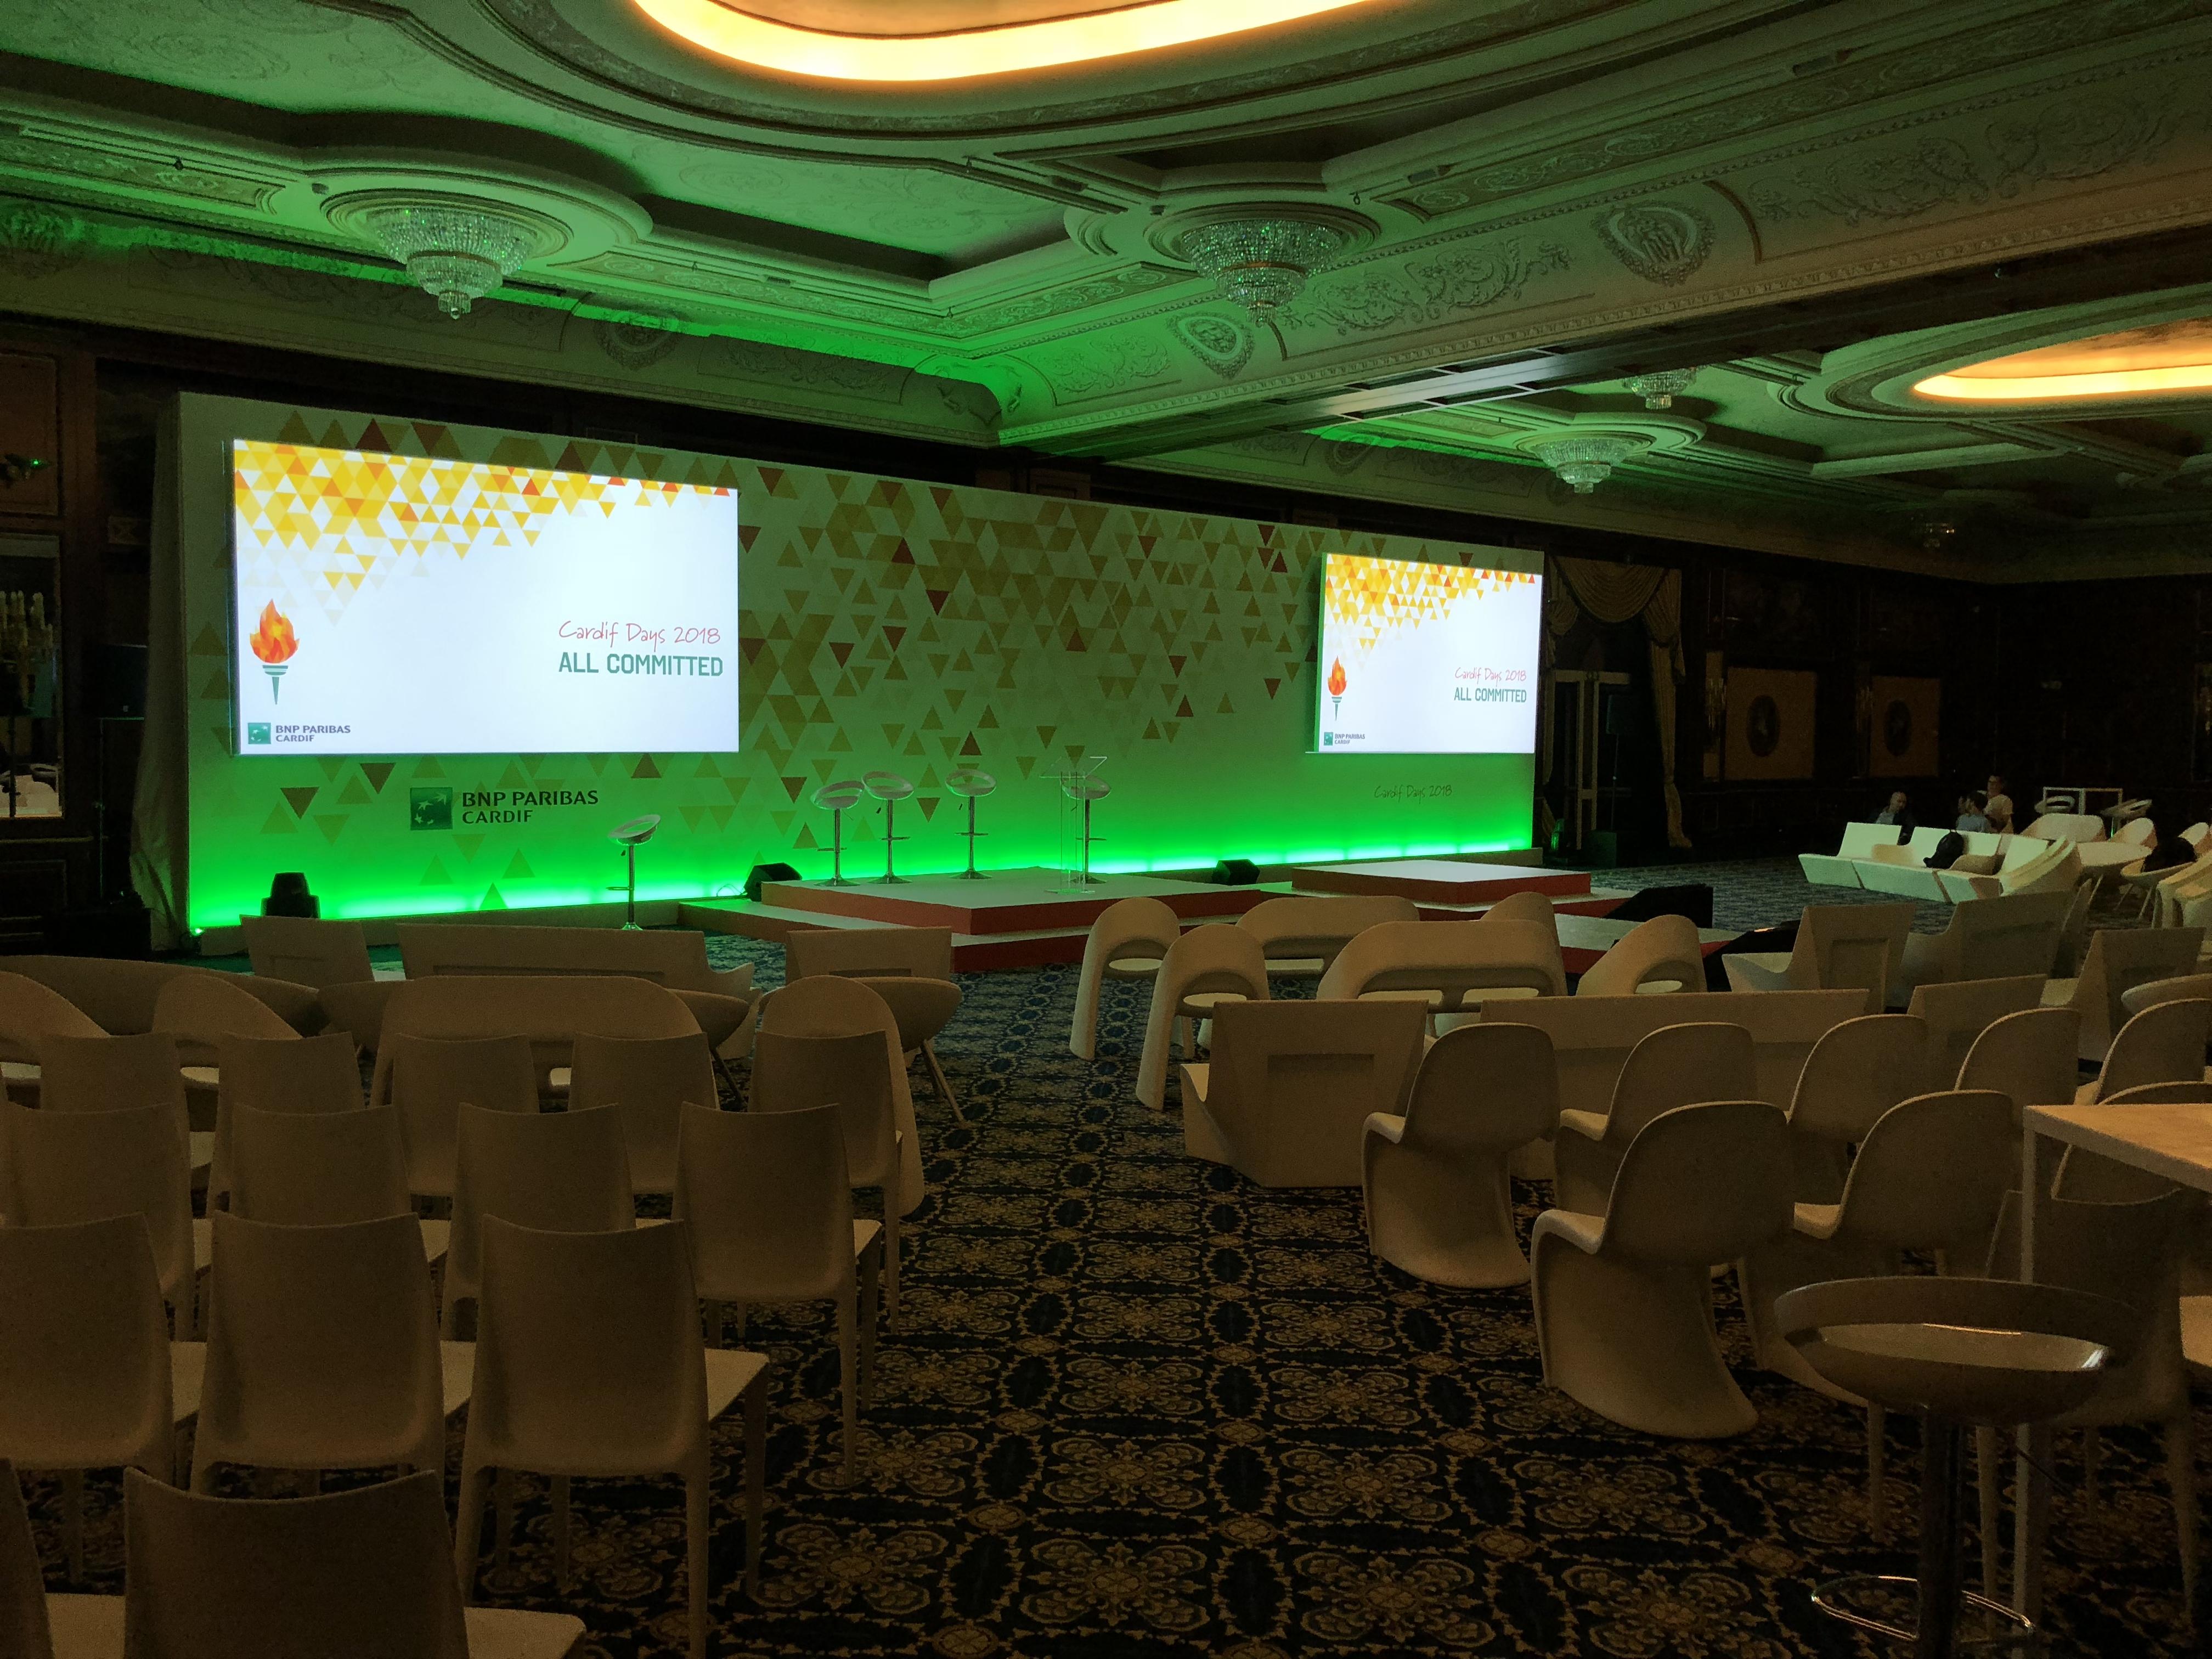 aucop-event-twobevents-son-video-deco-scene-lac majeur-bnp paribas-evenementiel-audiovisuel-italie-Samsung LED 40-Projecteur Christie Roadster-console grand ma